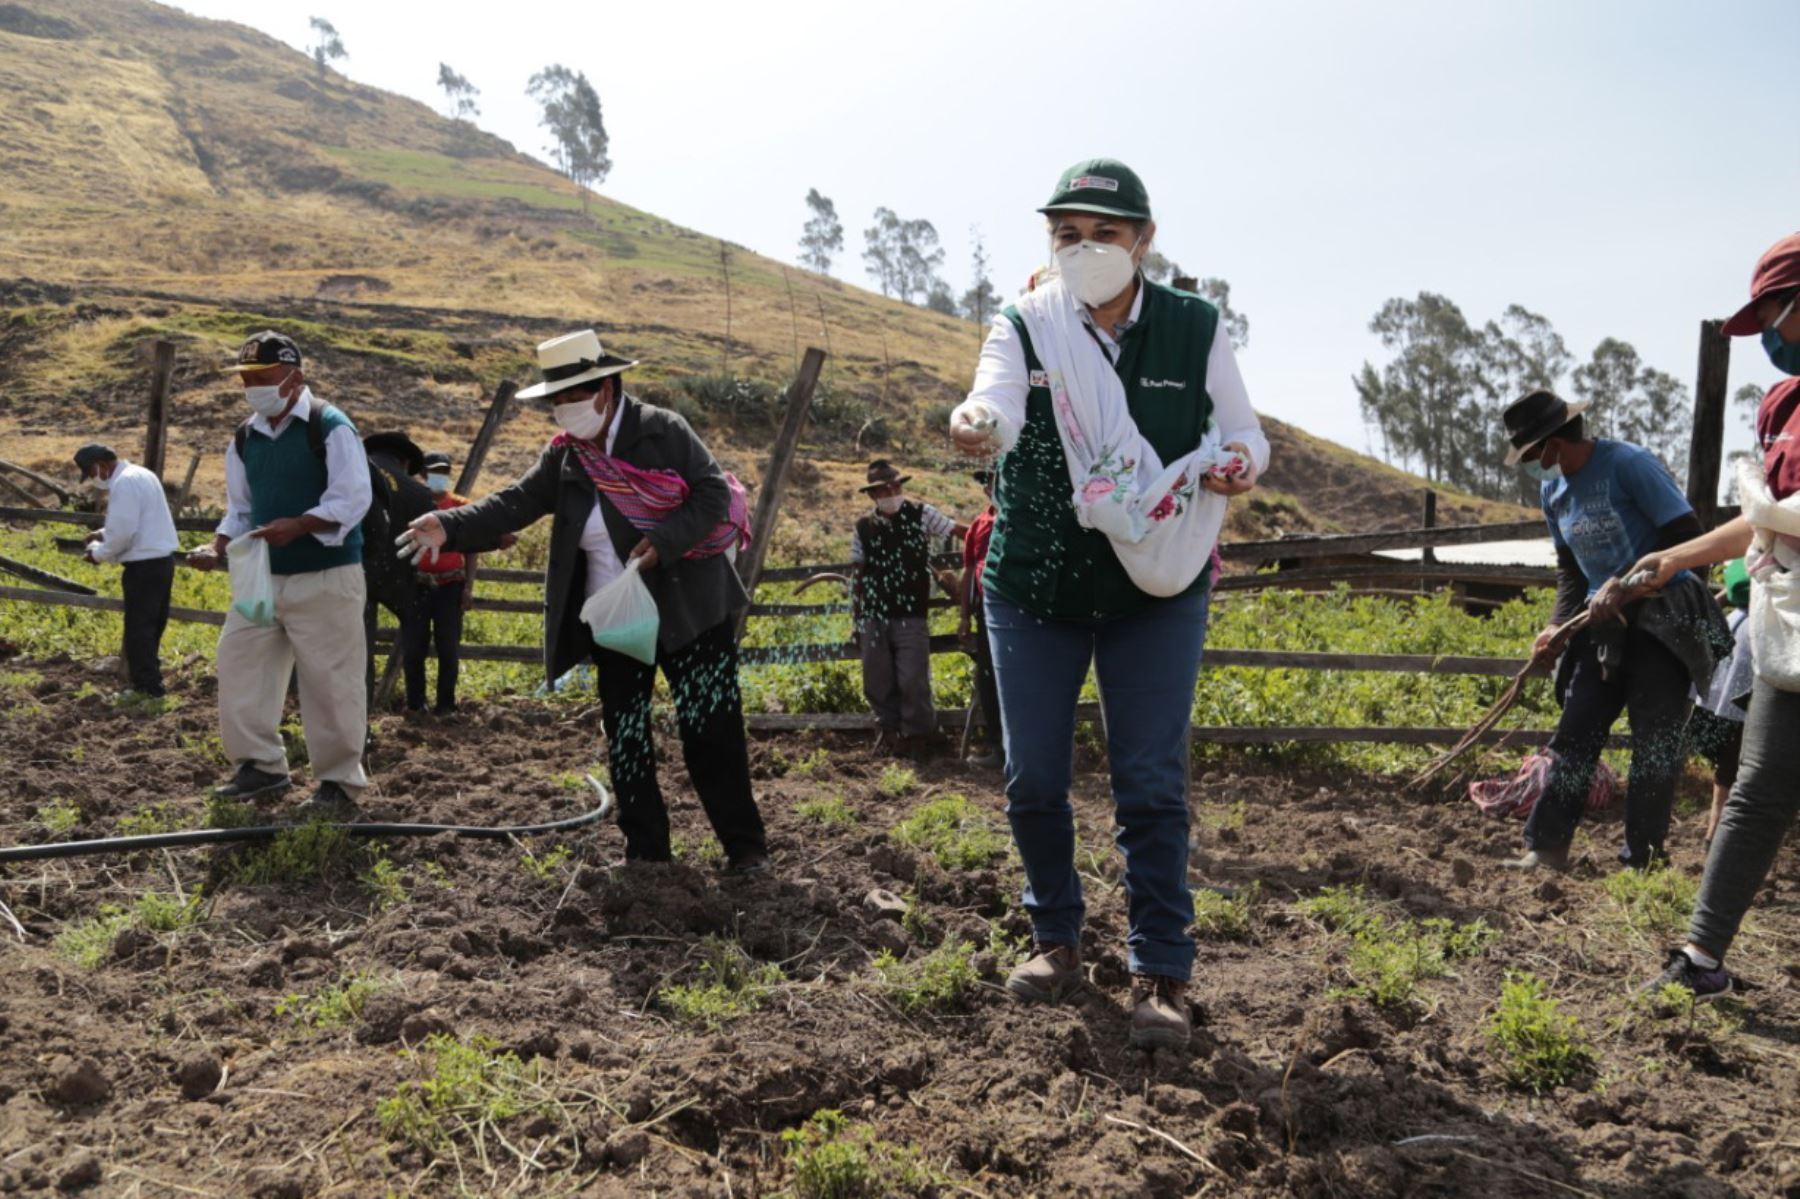 Agro Rural, unidad ejecutora del Ministerio de Agricultura y Riego, realizó el lanzamiento oficial de la Campaña de Siembra de Pastos y Forrajes 2020-2021 en Lima Provincias. Foto: Minagri